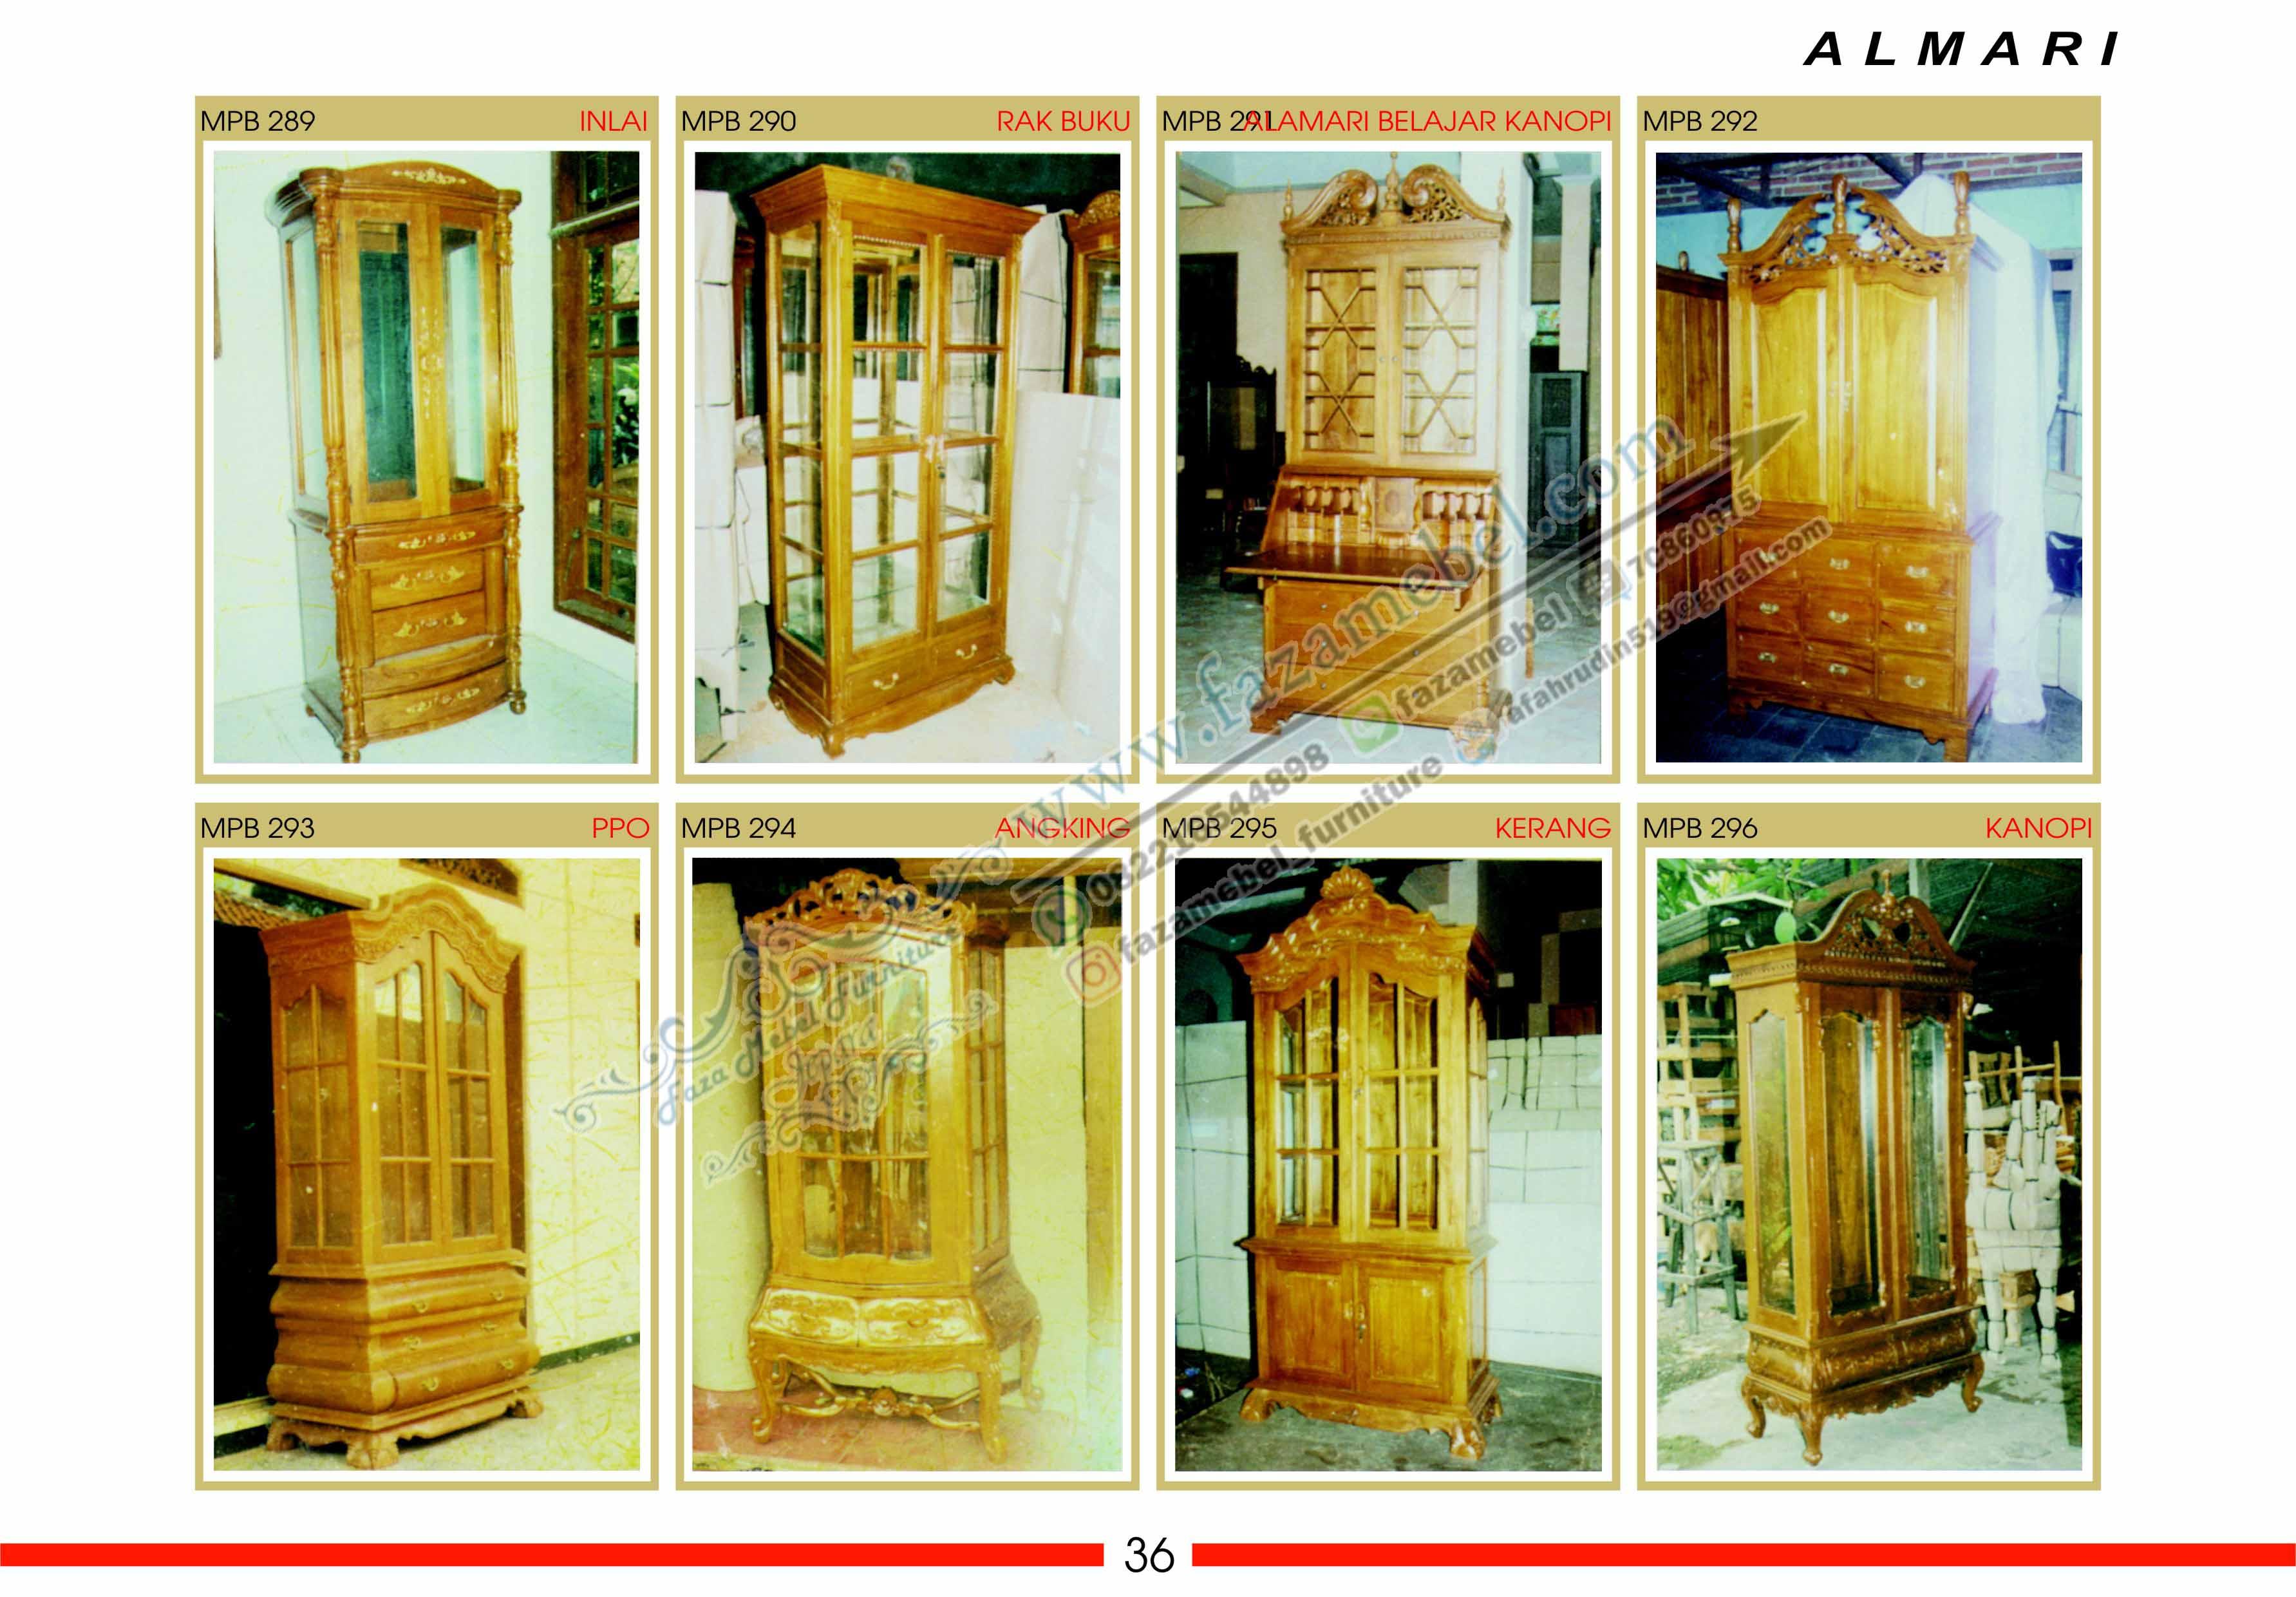 almari-jati4